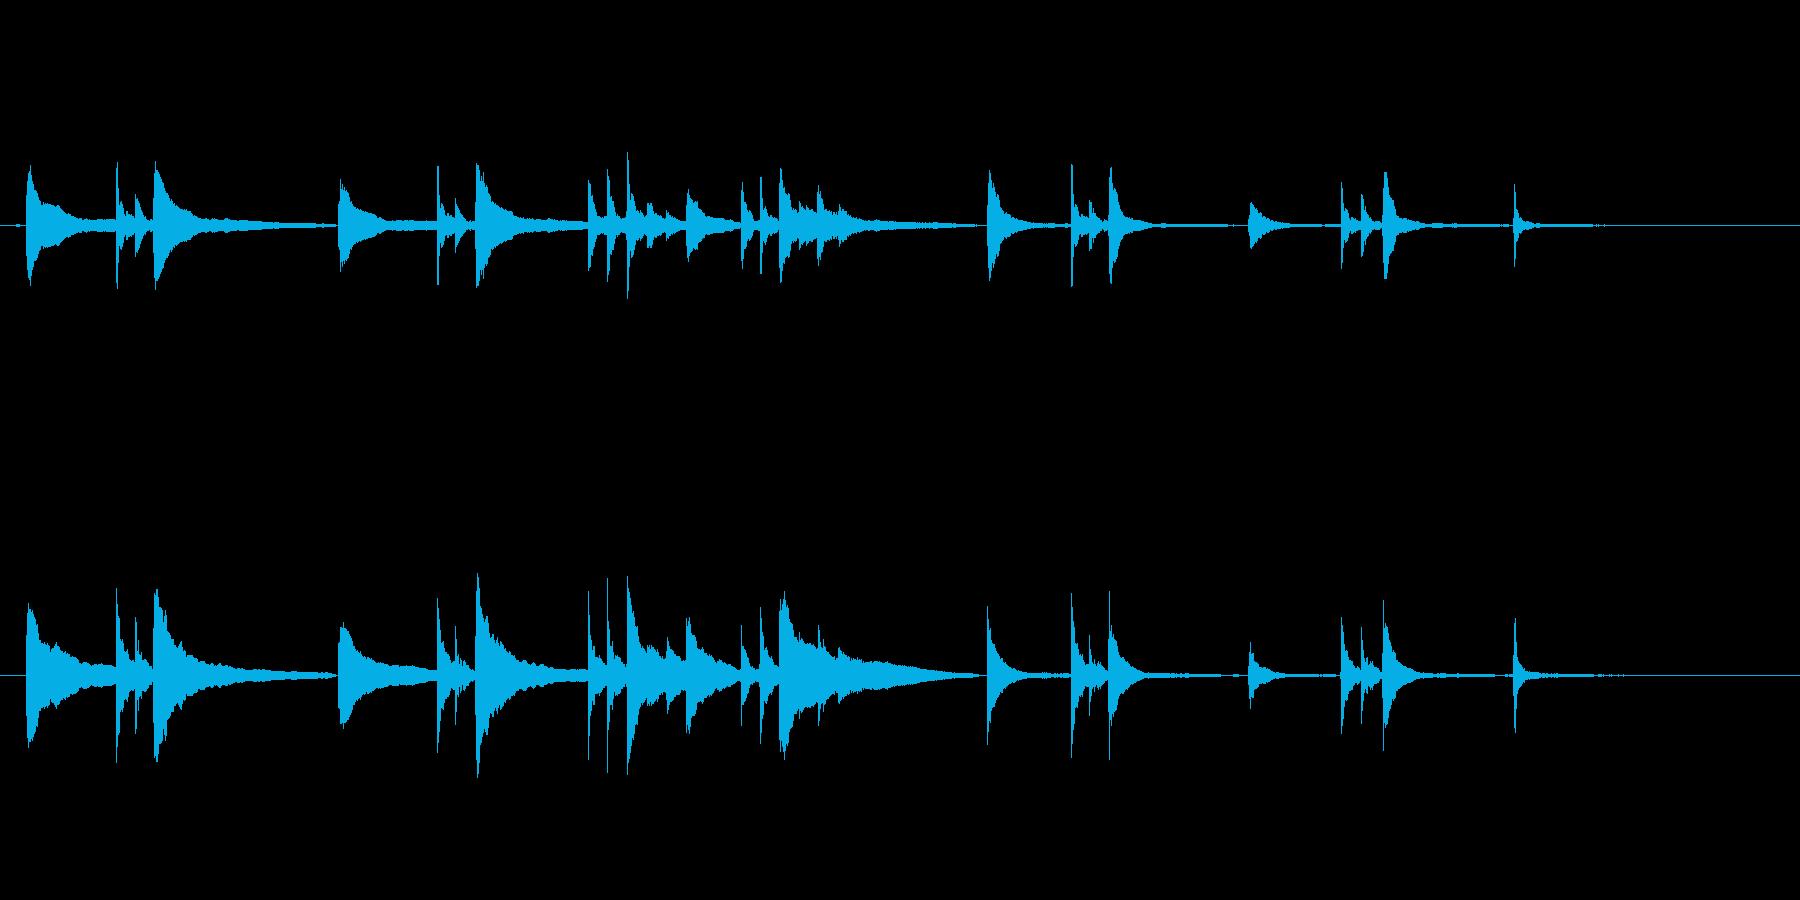 悩みや葛藤のシーンに使いたいピアノソロの再生済みの波形